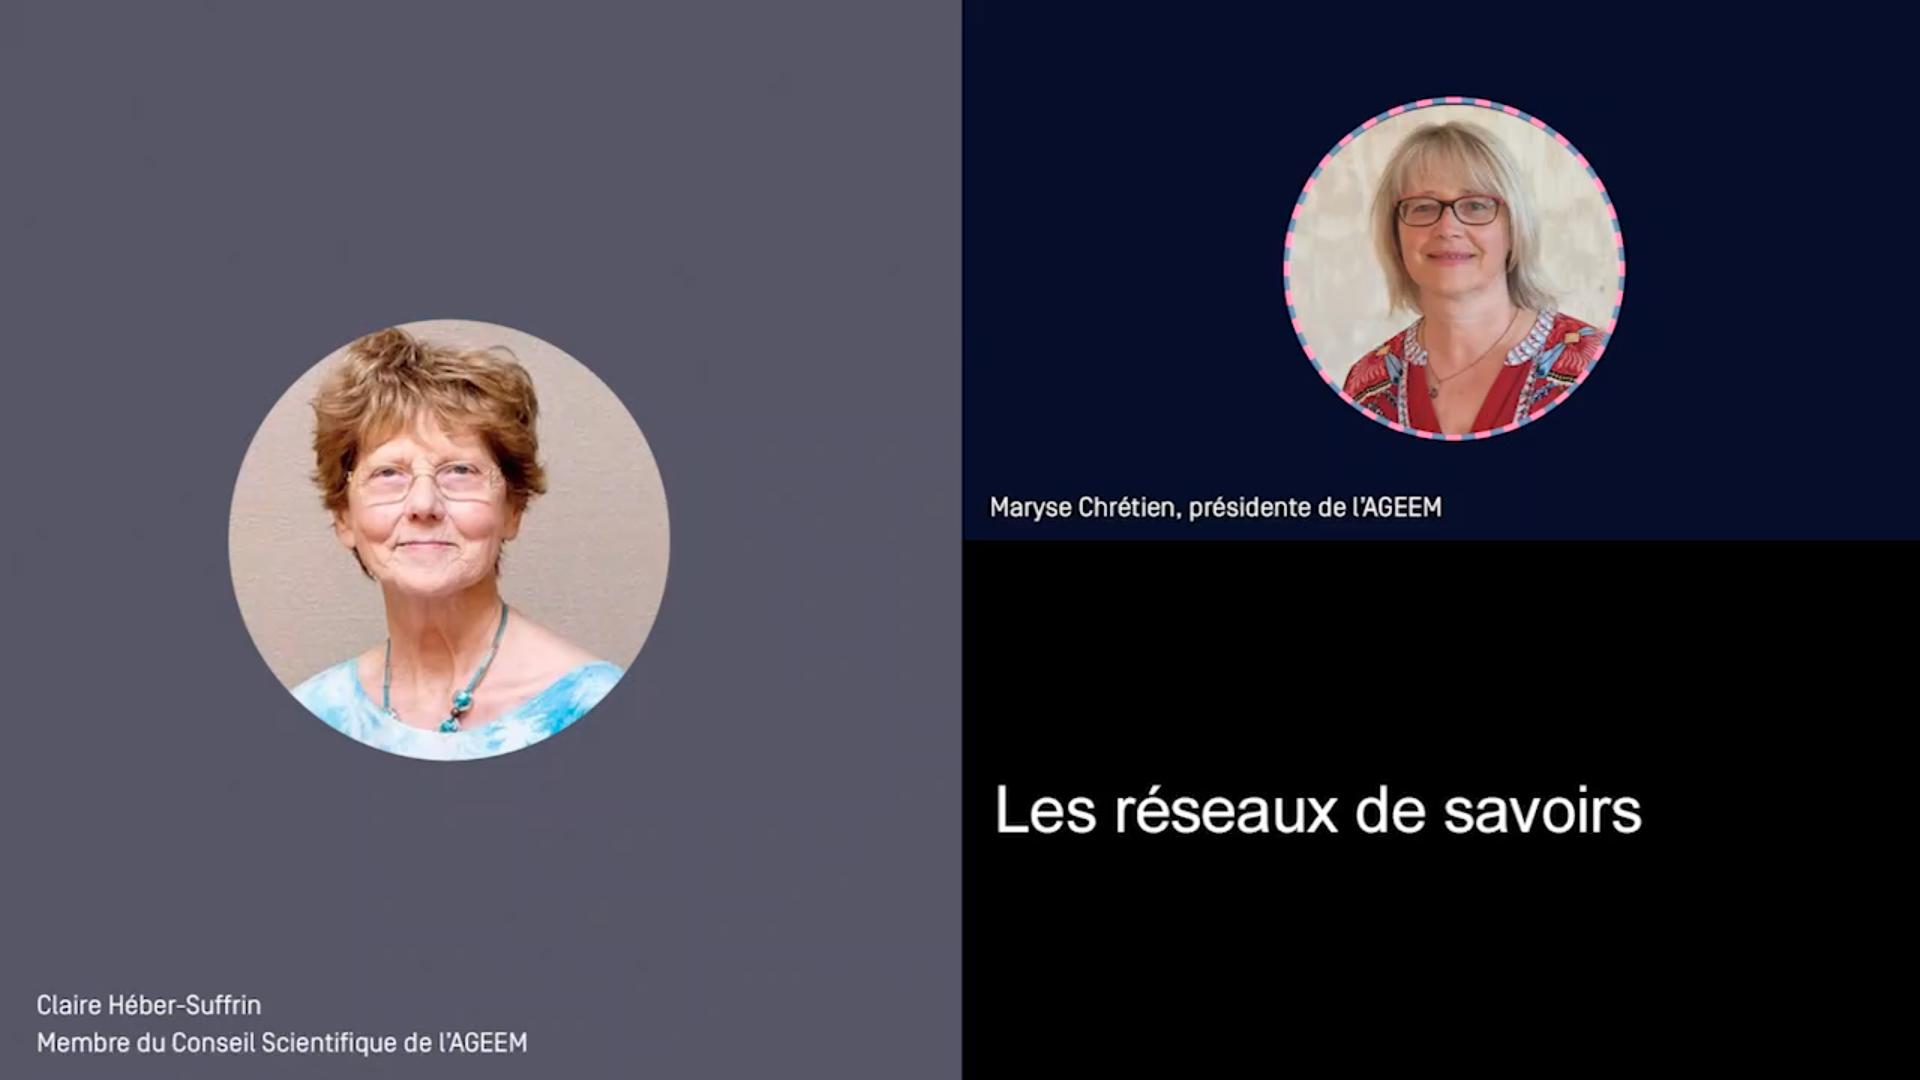 Les réseaux de savoirs : entretien avec Claire Héber-Suffrin